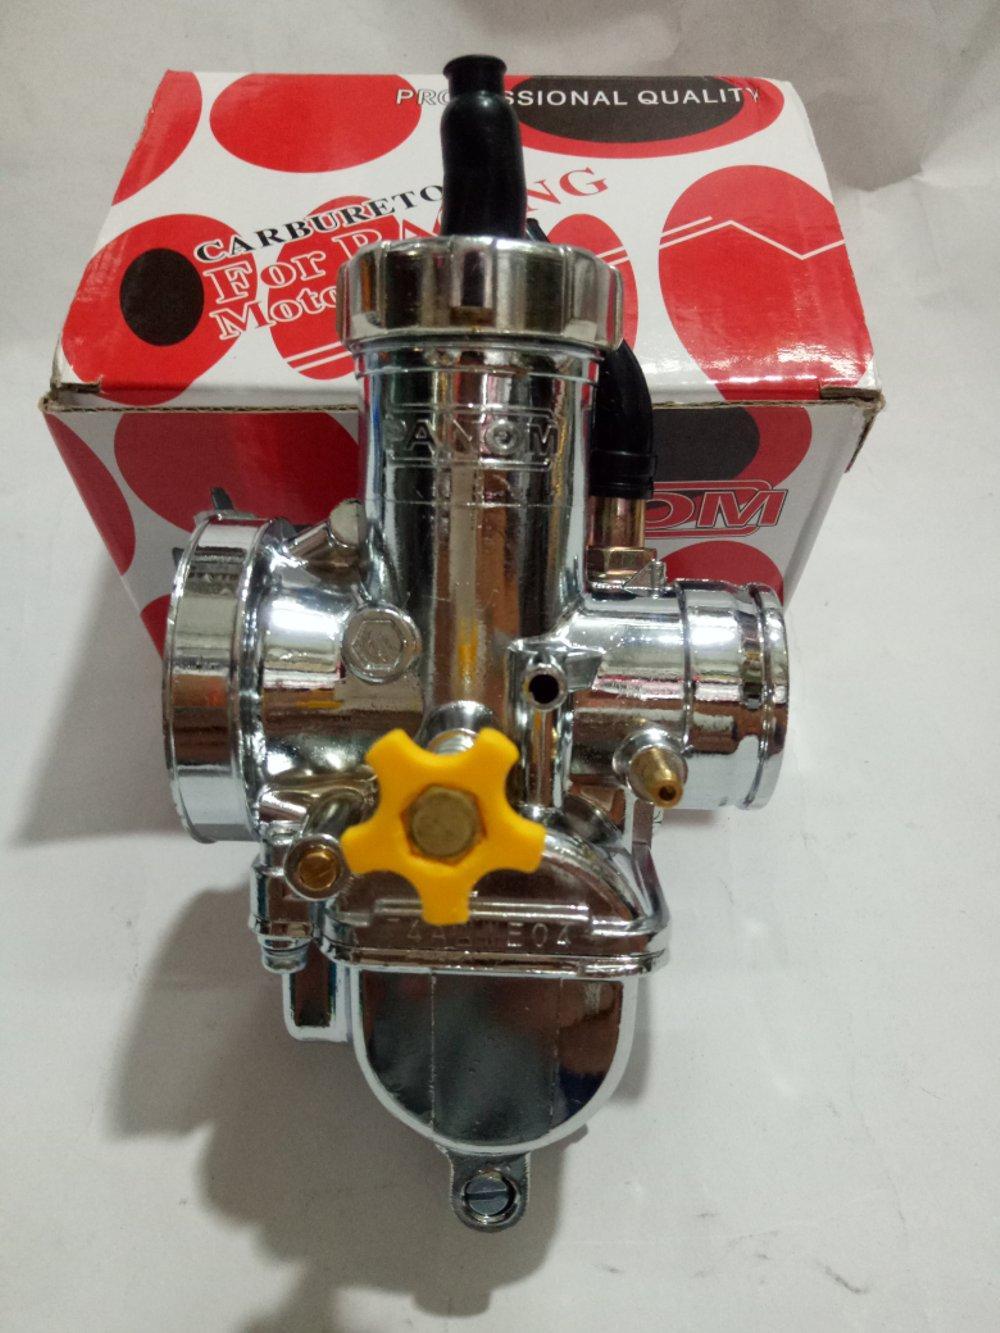 Karburator Pe 28 /  Carburator Pe 28 Panom - Chrome